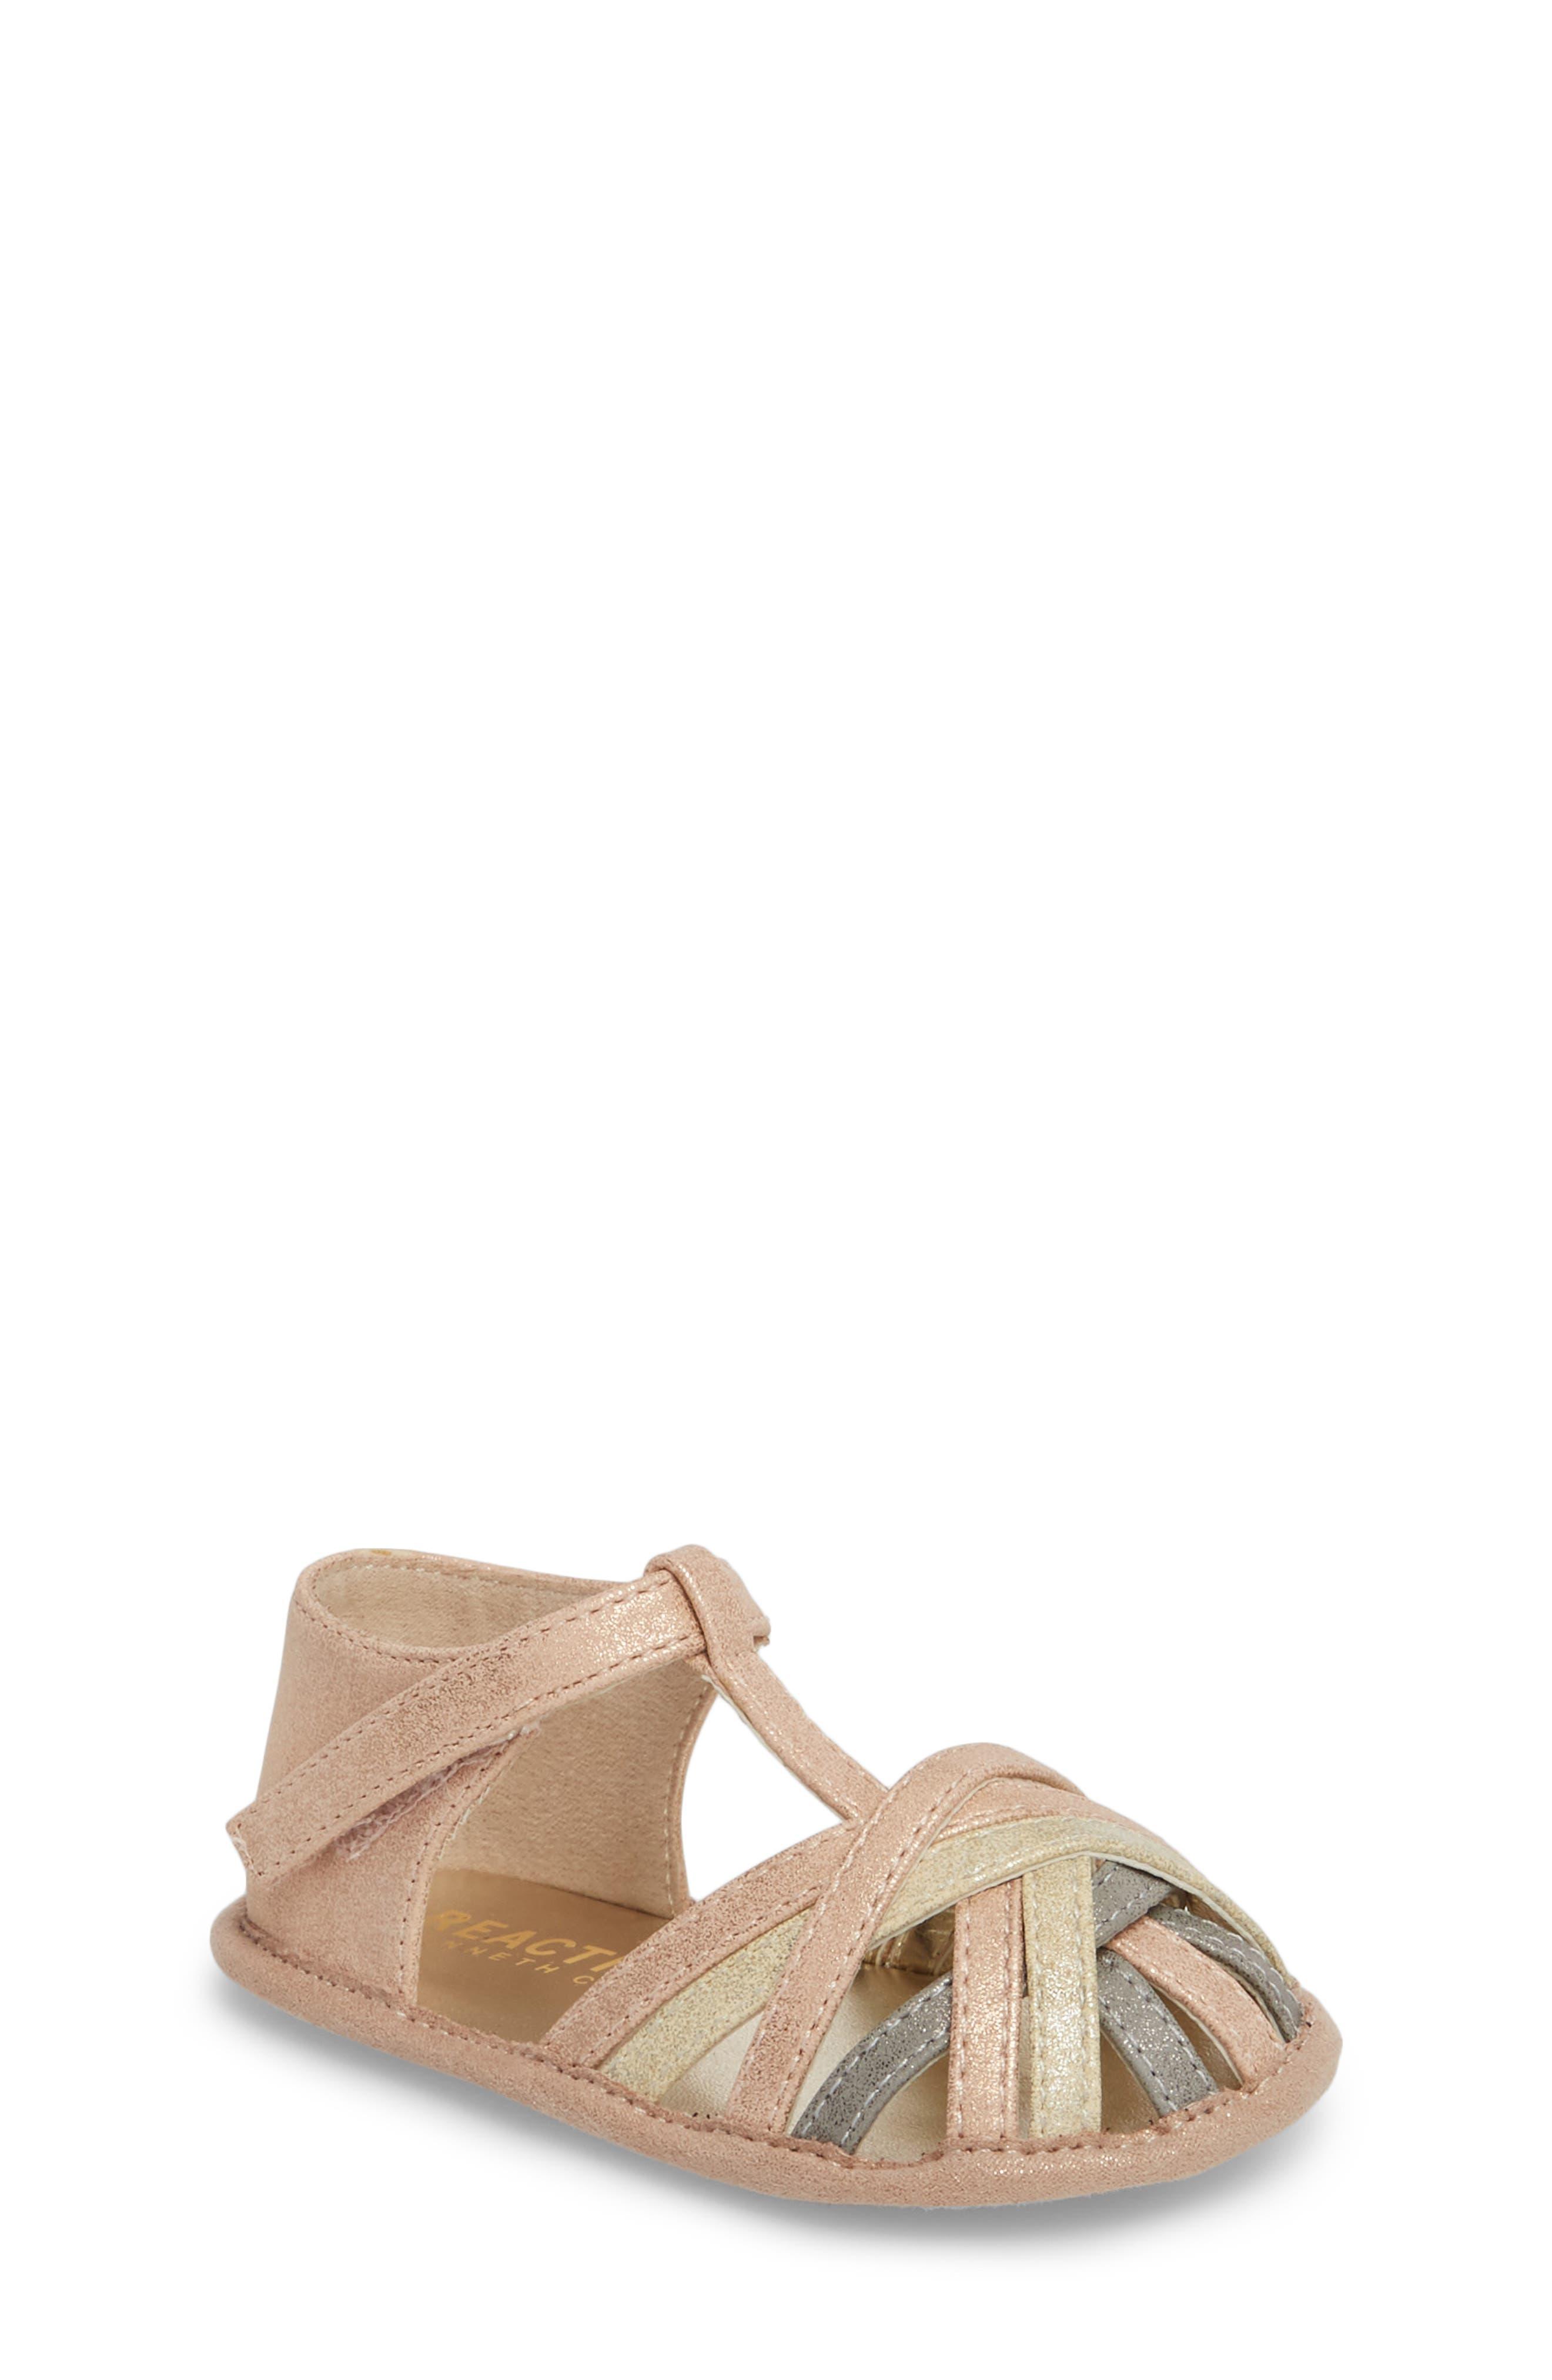 Wisp Metallic Sandal,                         Main,                         color, 220